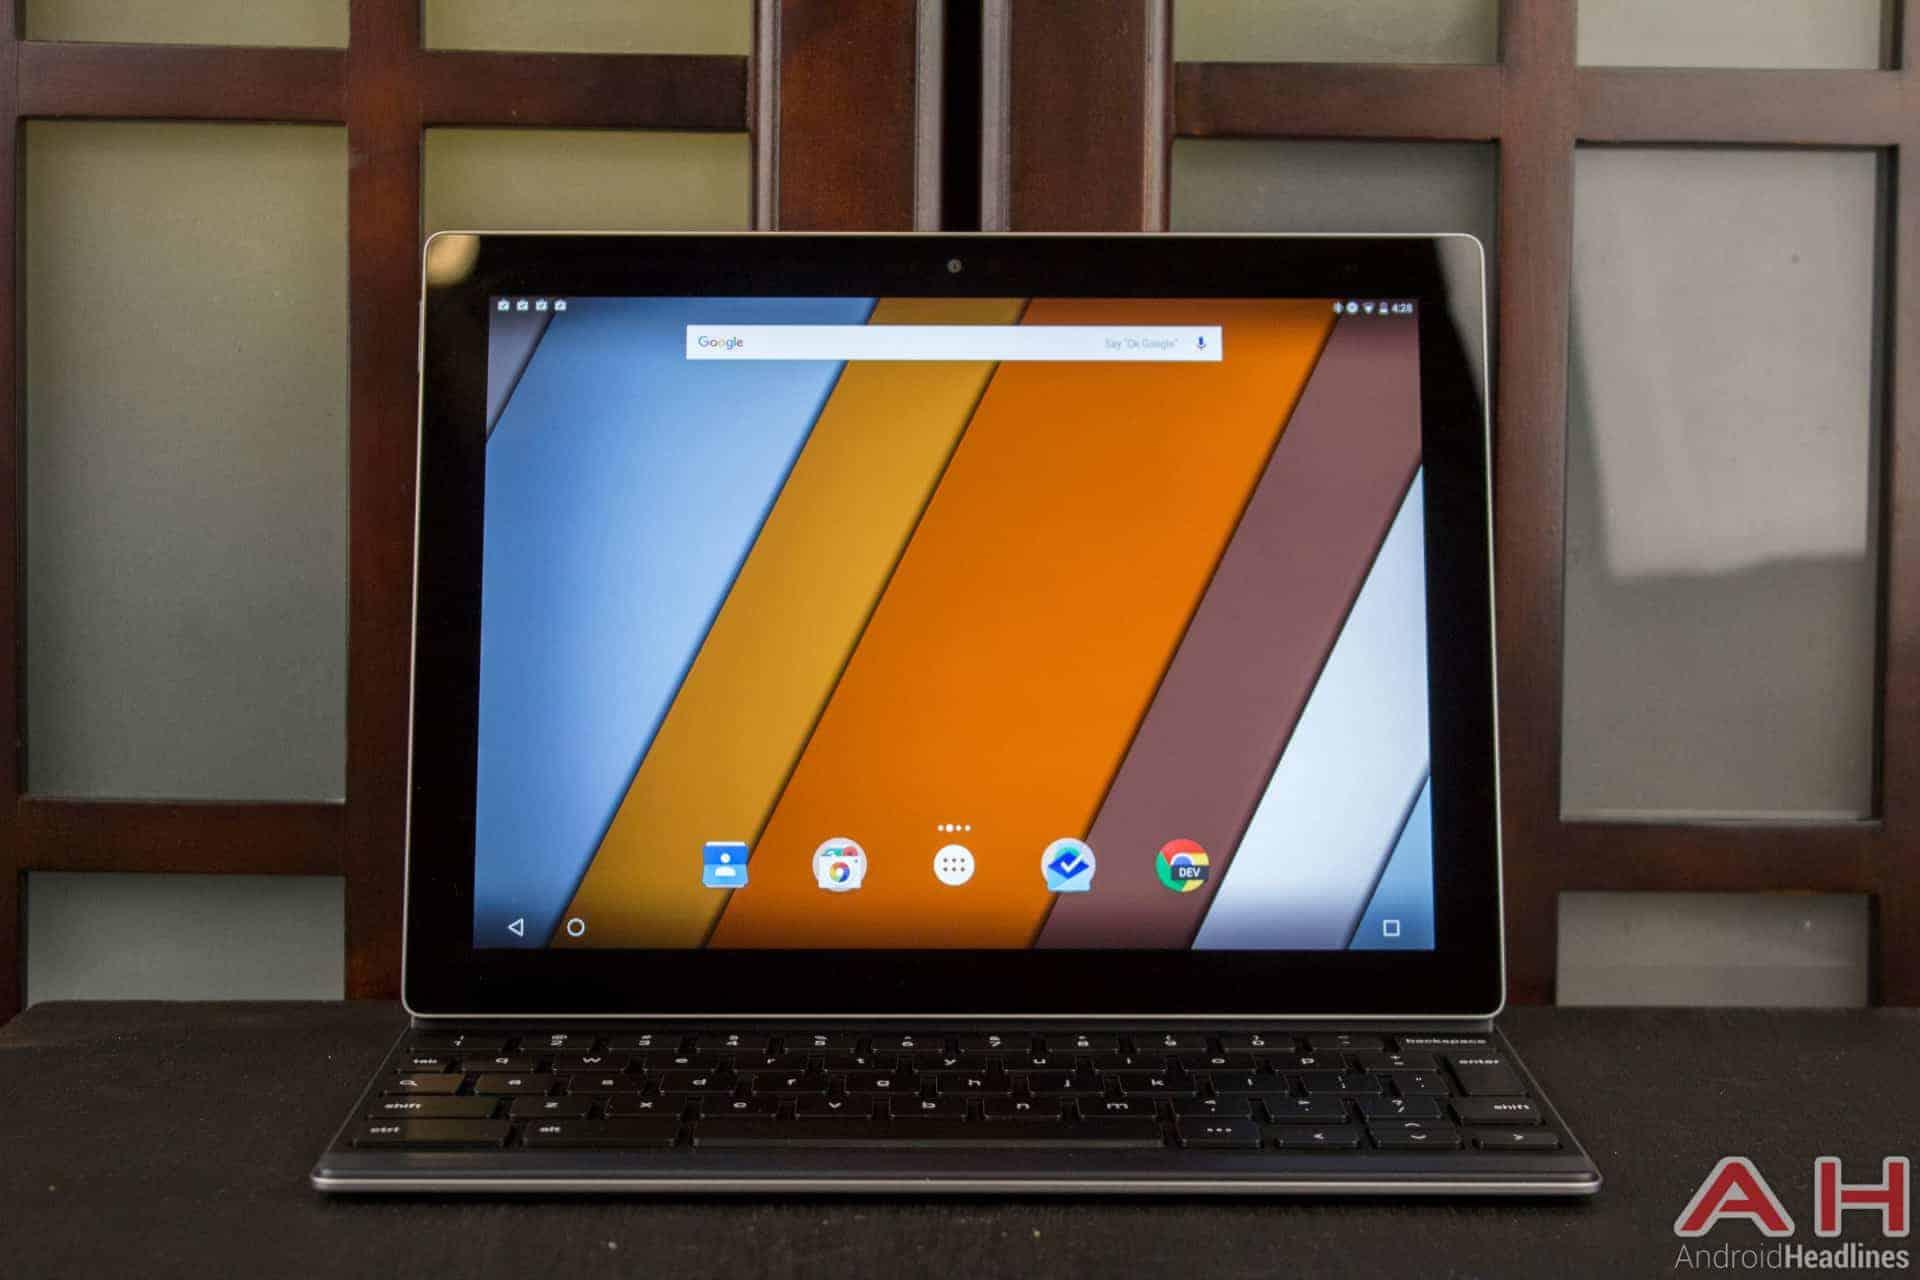 Google-Pixel-C-AH-NS-software